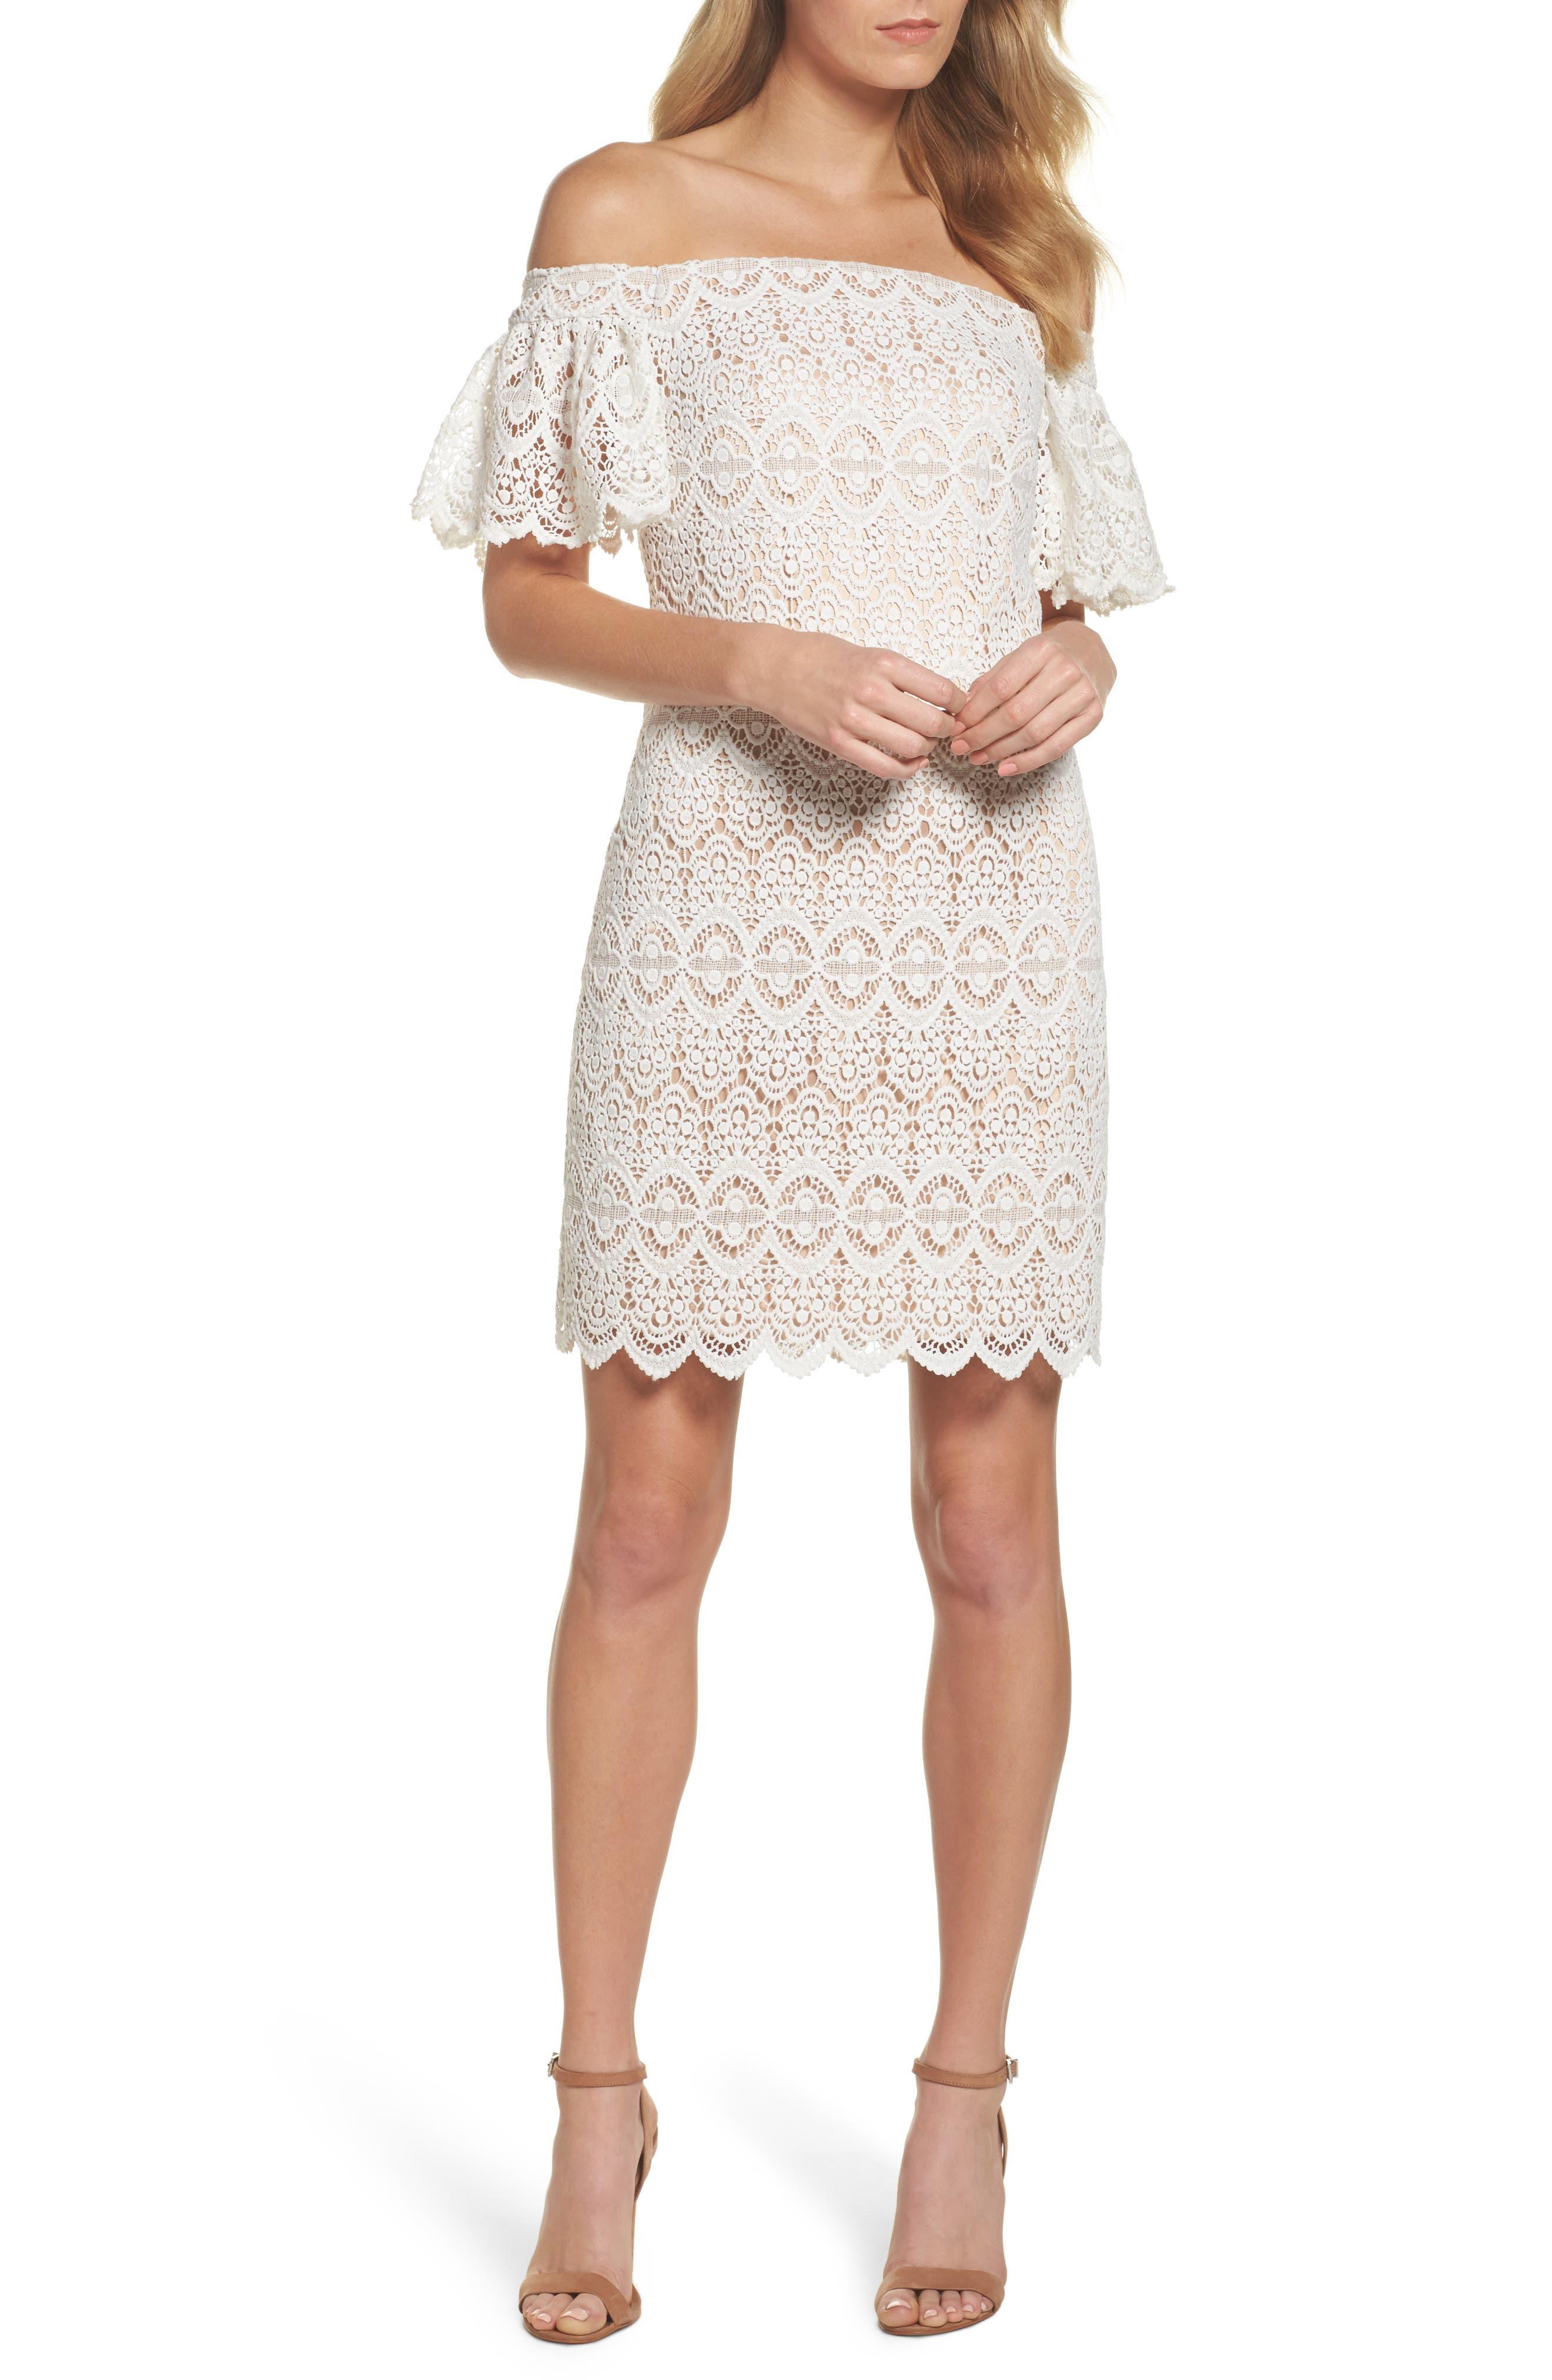 Alternate Image 1 Selected - Eliza J Off the Shoulder Lace Dress